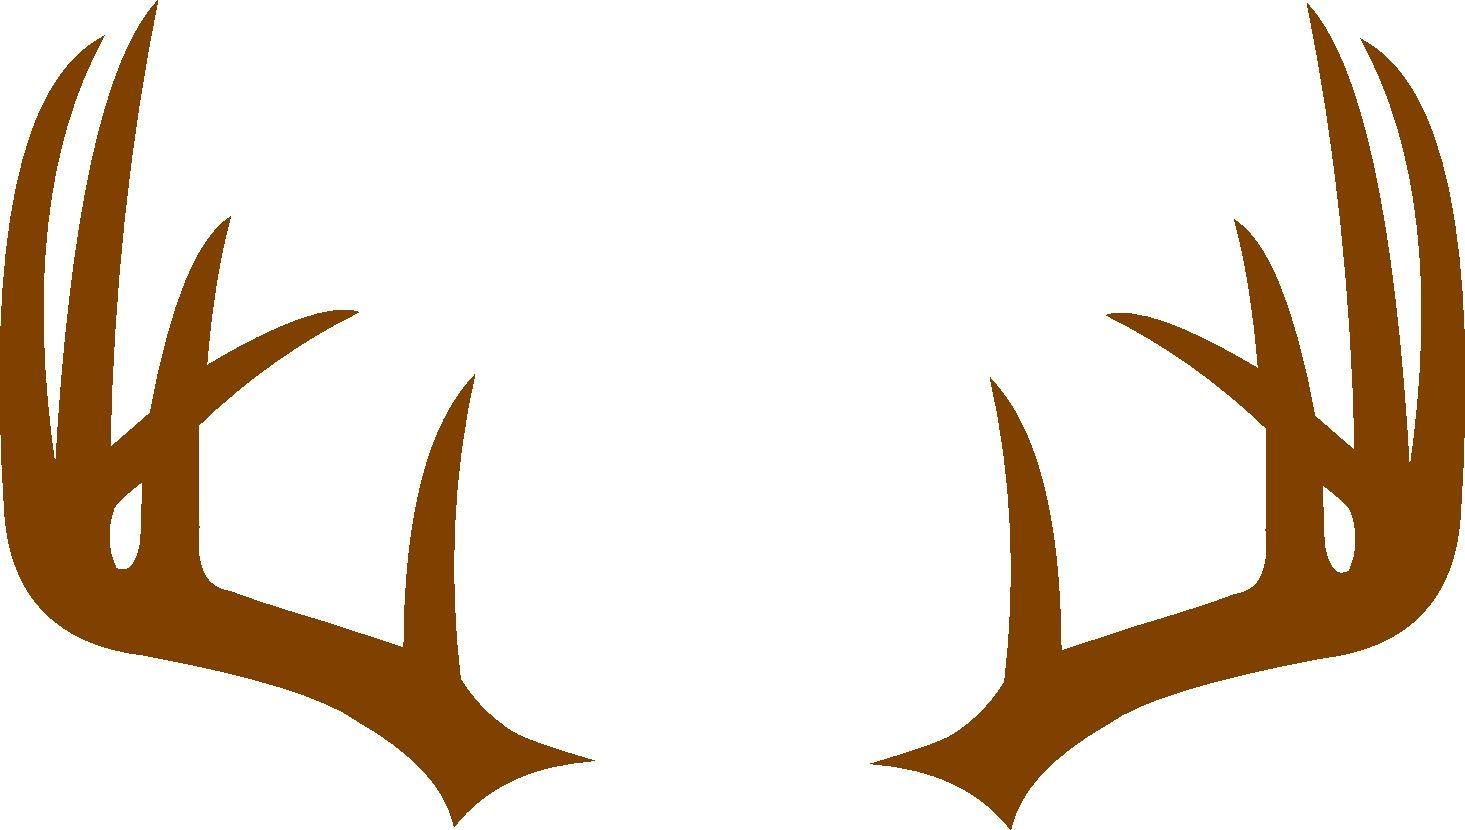 Deer antler monogram frame. Antlers clipart svg